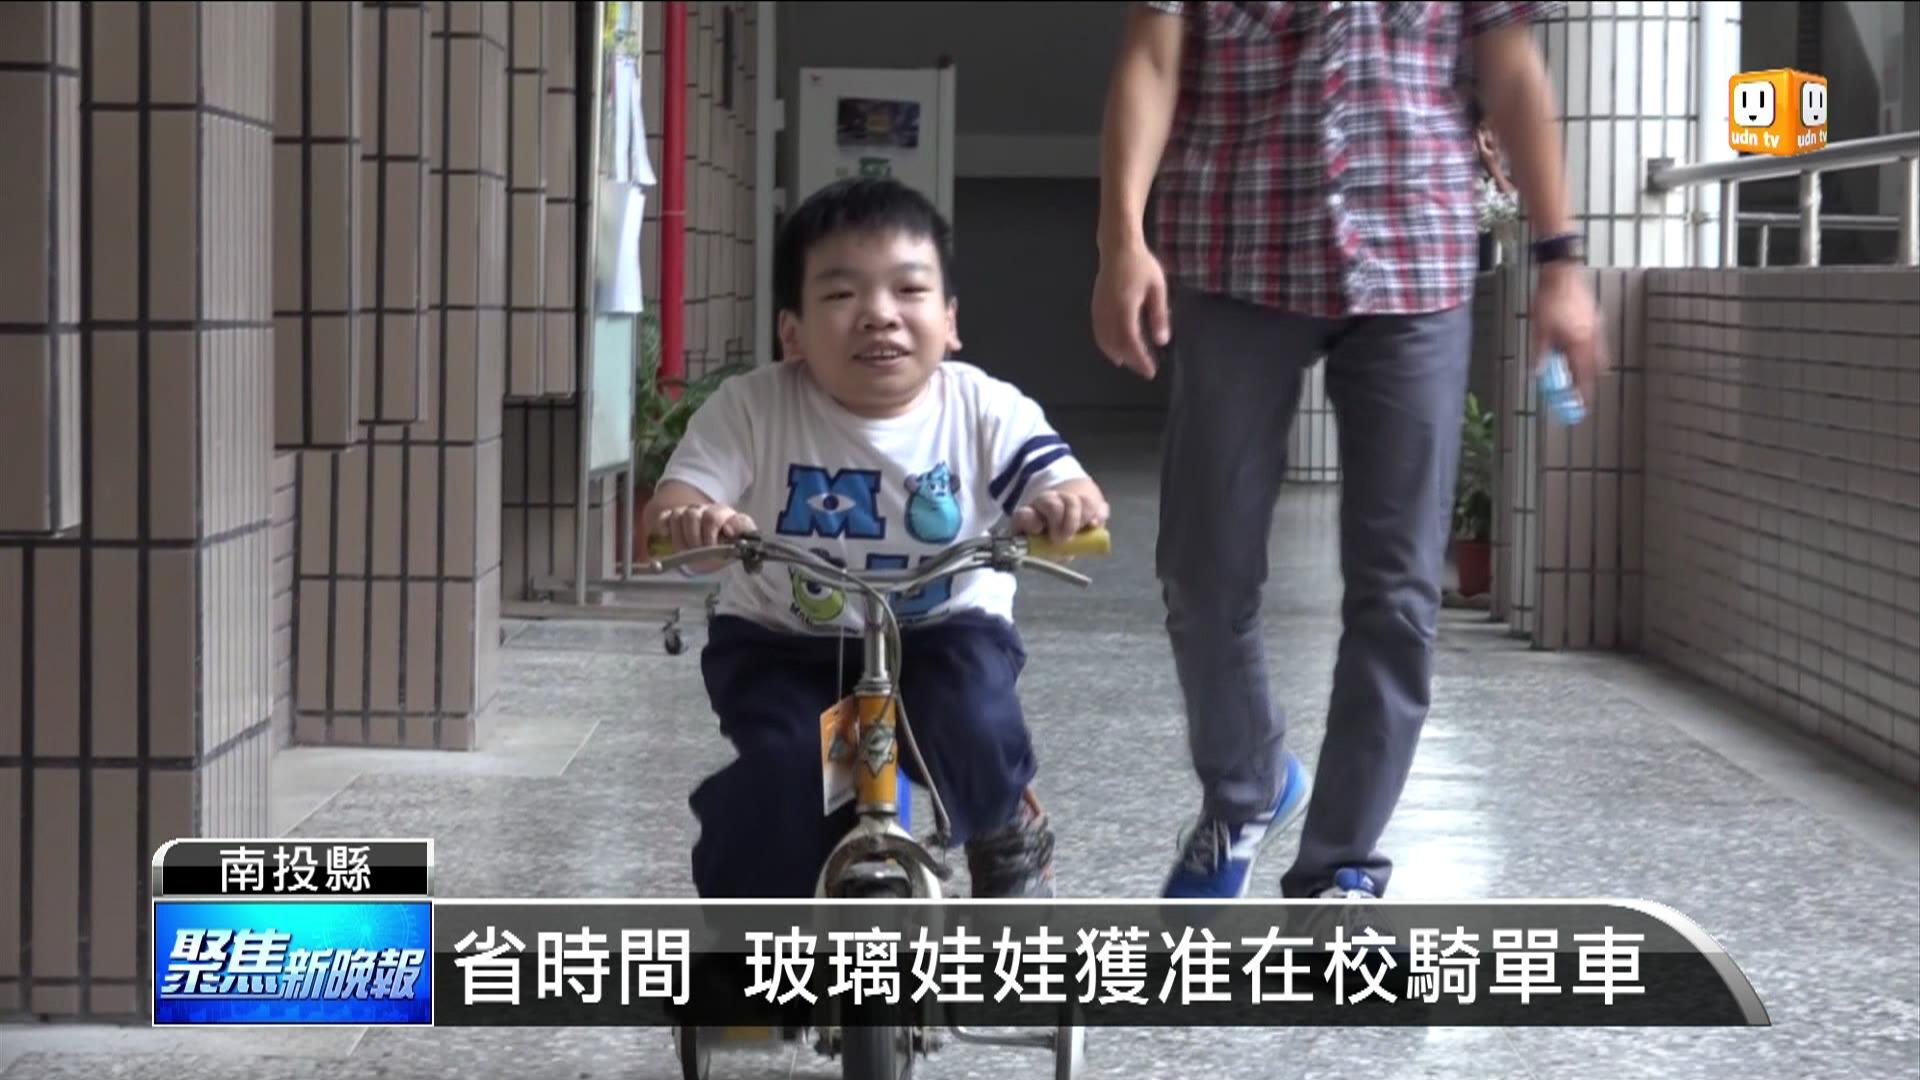 省時間 玻璃娃娃獲准在校騎單車